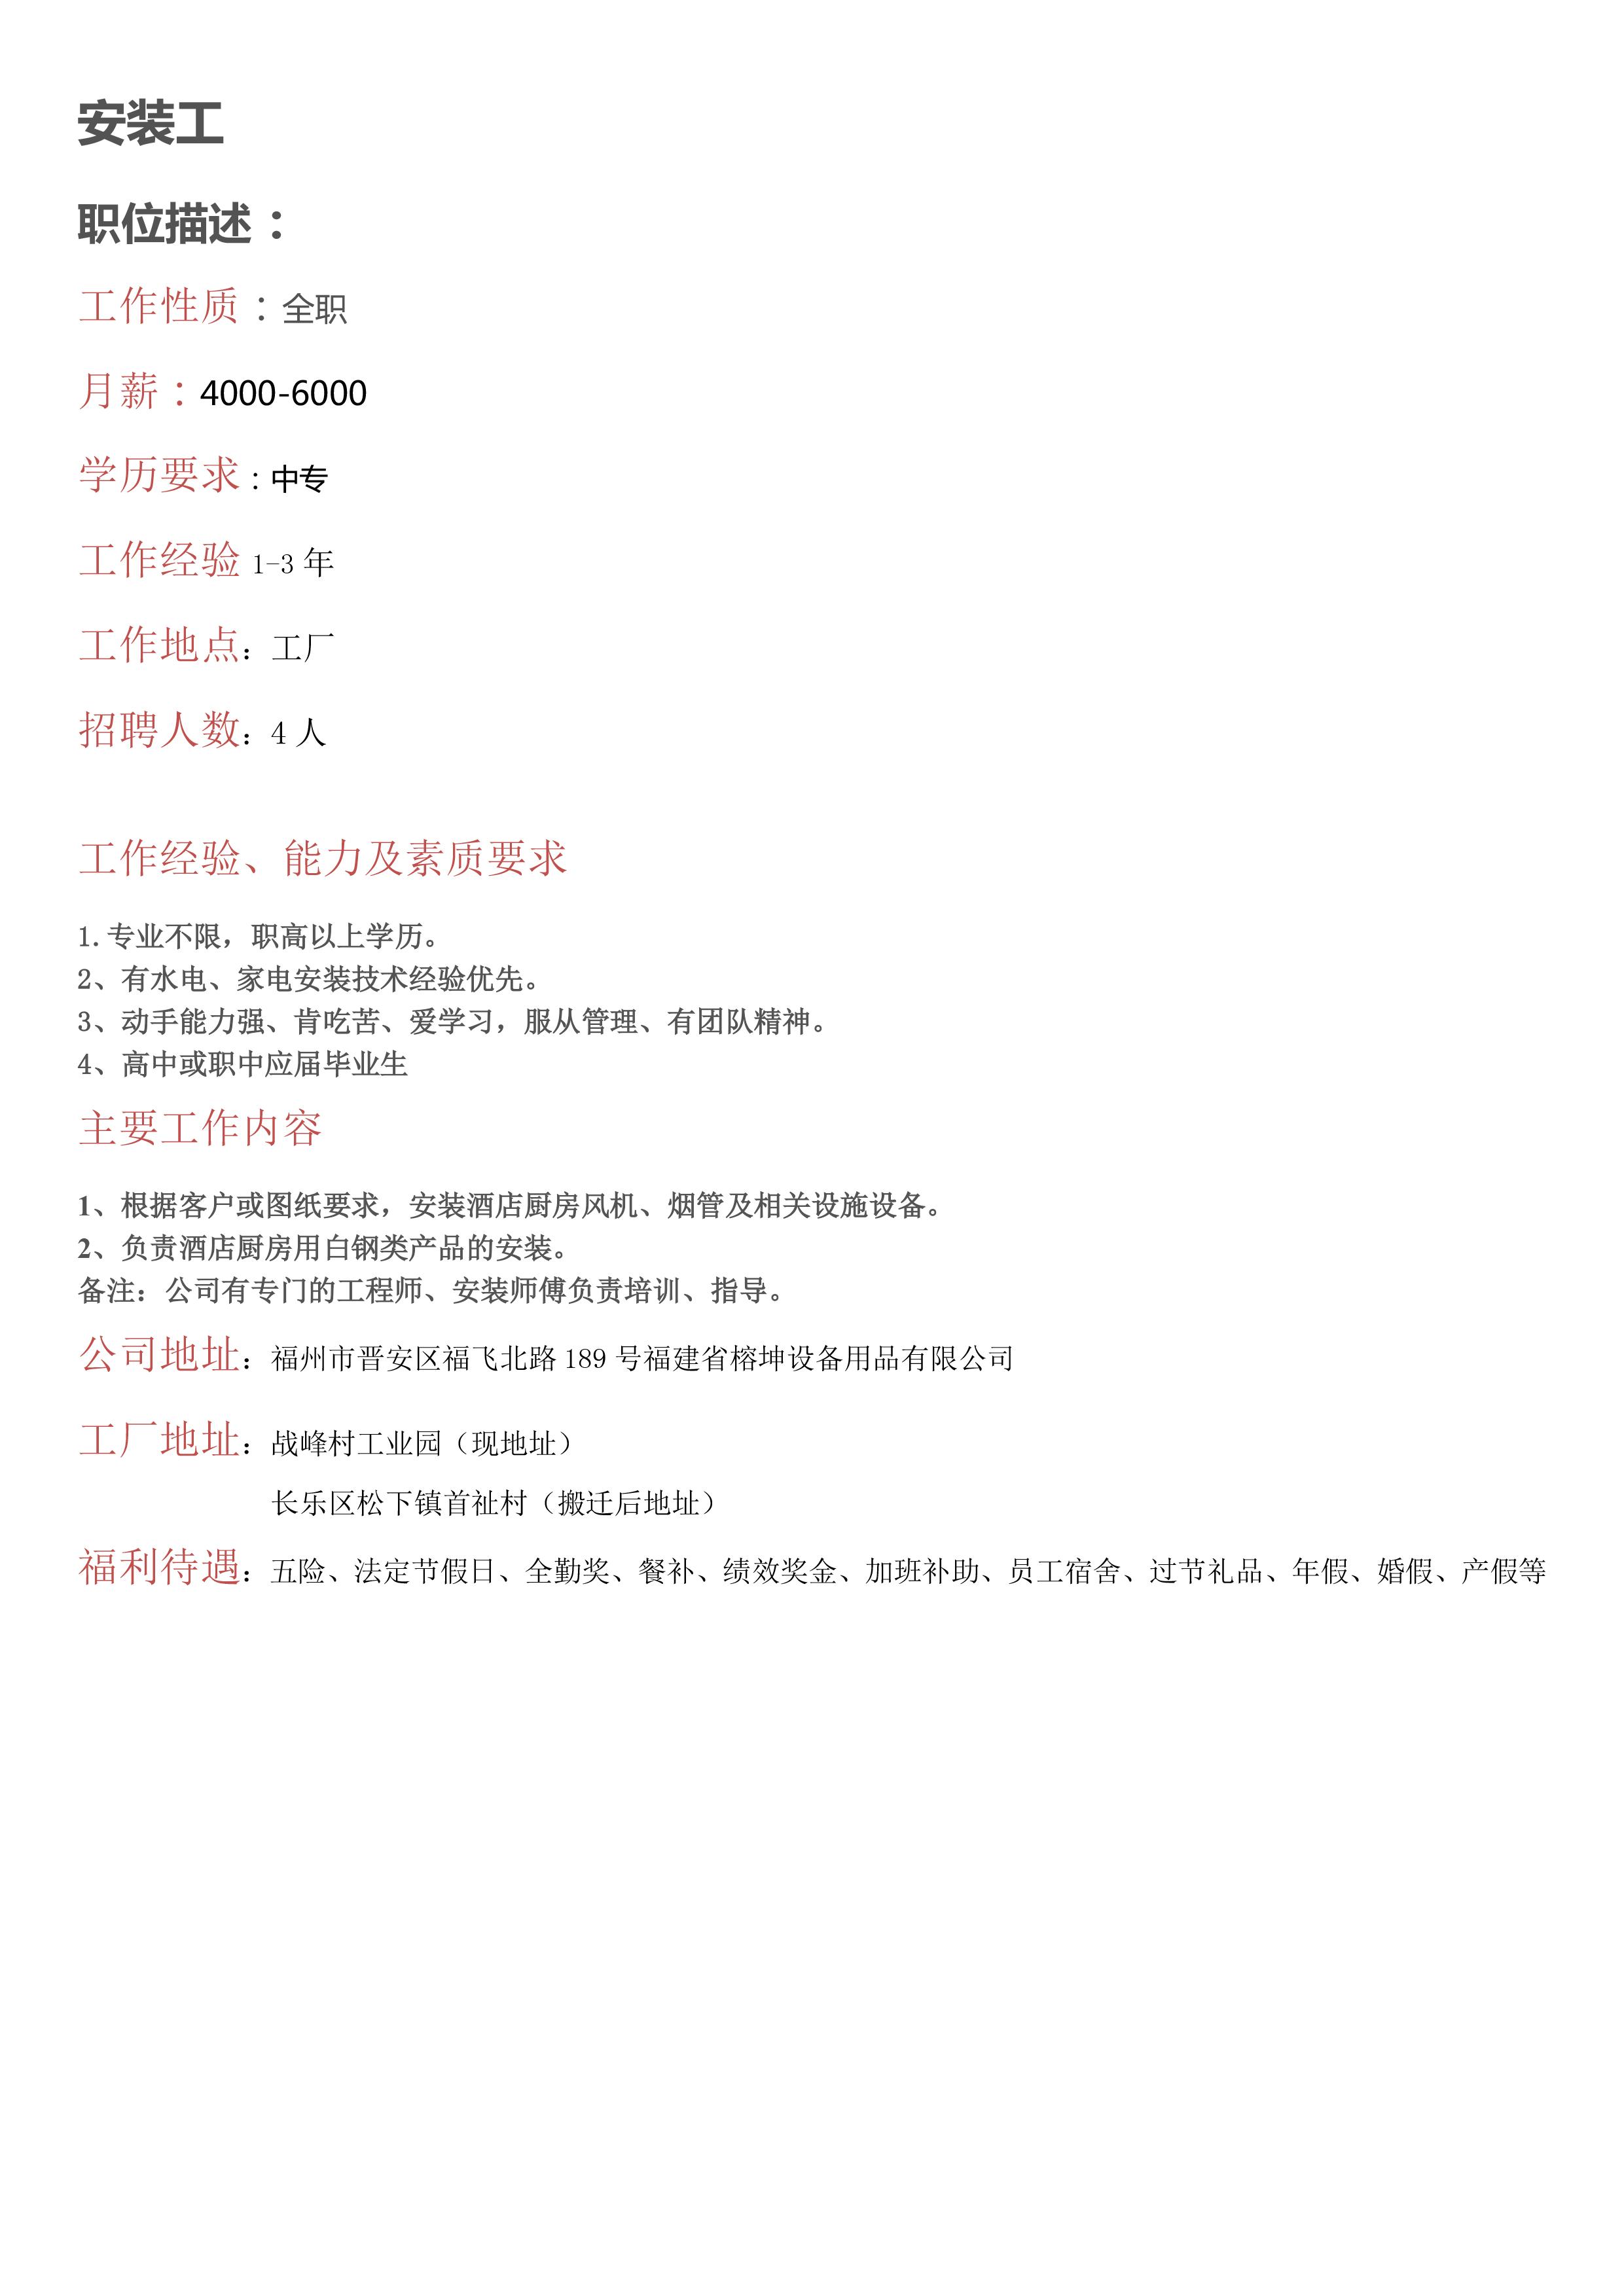 榕坤招聘岗位1-15 拷贝.jpg